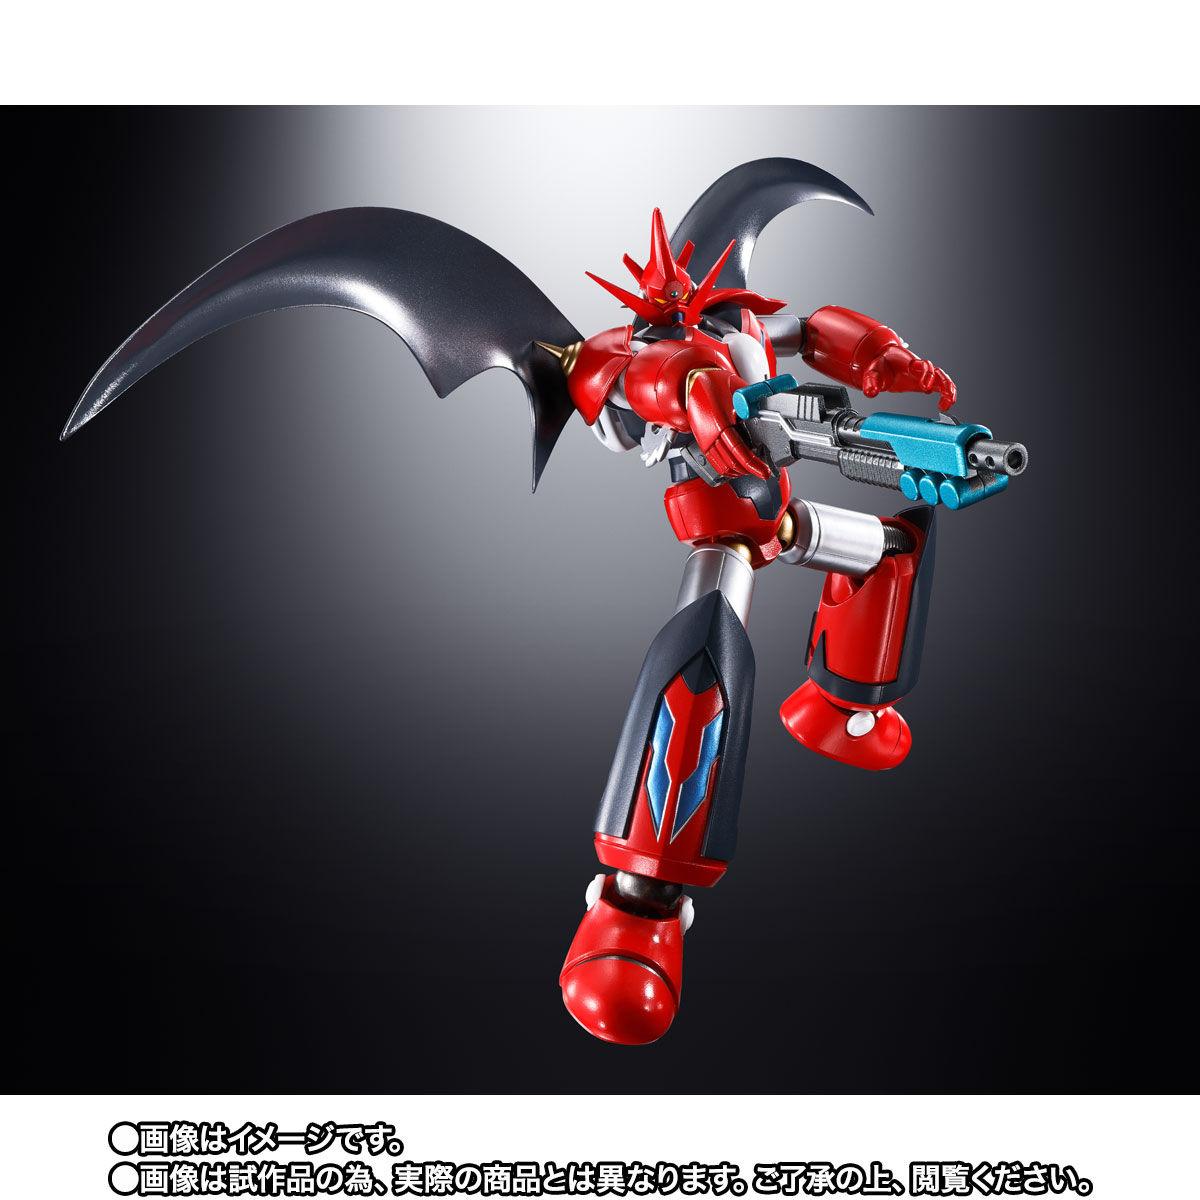 【限定販売】超合金魂『GX-98 ゲッターD2』ゲッターロボ アーク 可動フィギュア-003